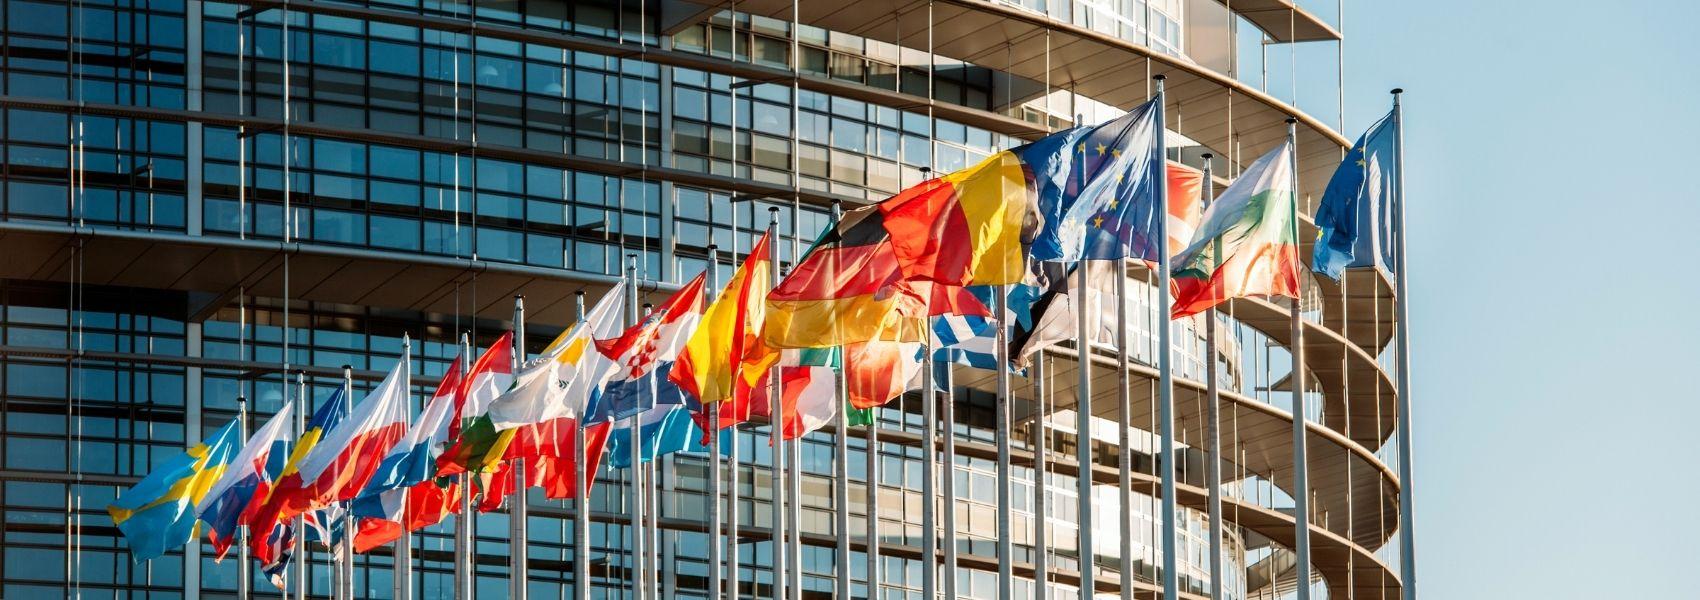 Associações congratulam-se com assinatura por Portugal de Plano Europeu de Ação para o AVC